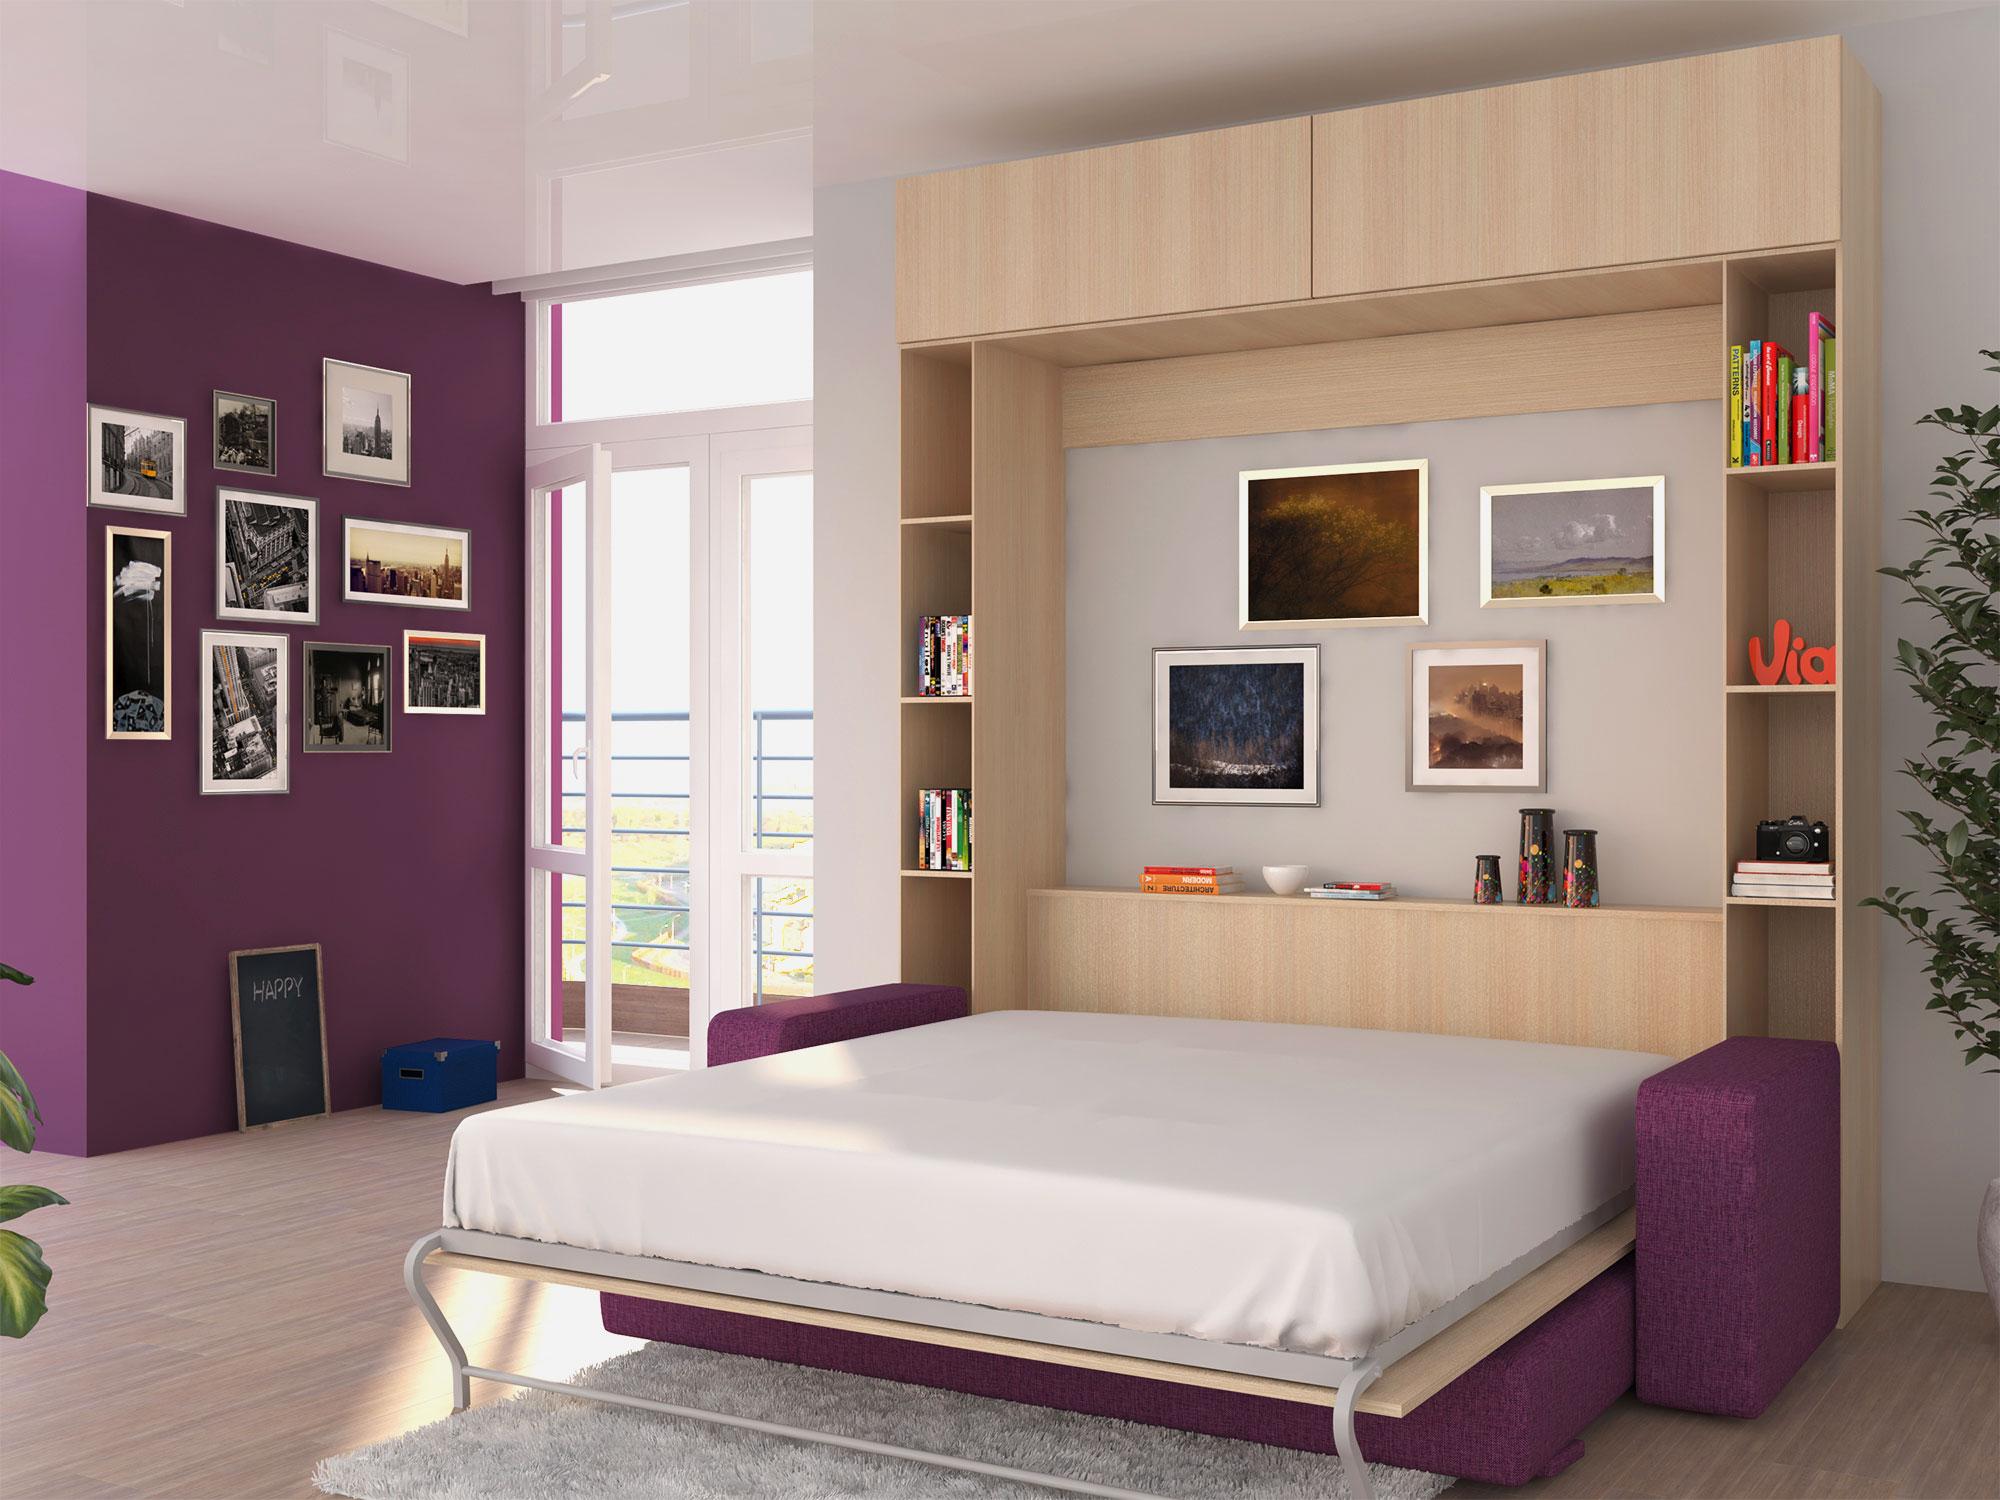 Кровати встраиваемые в стену фото